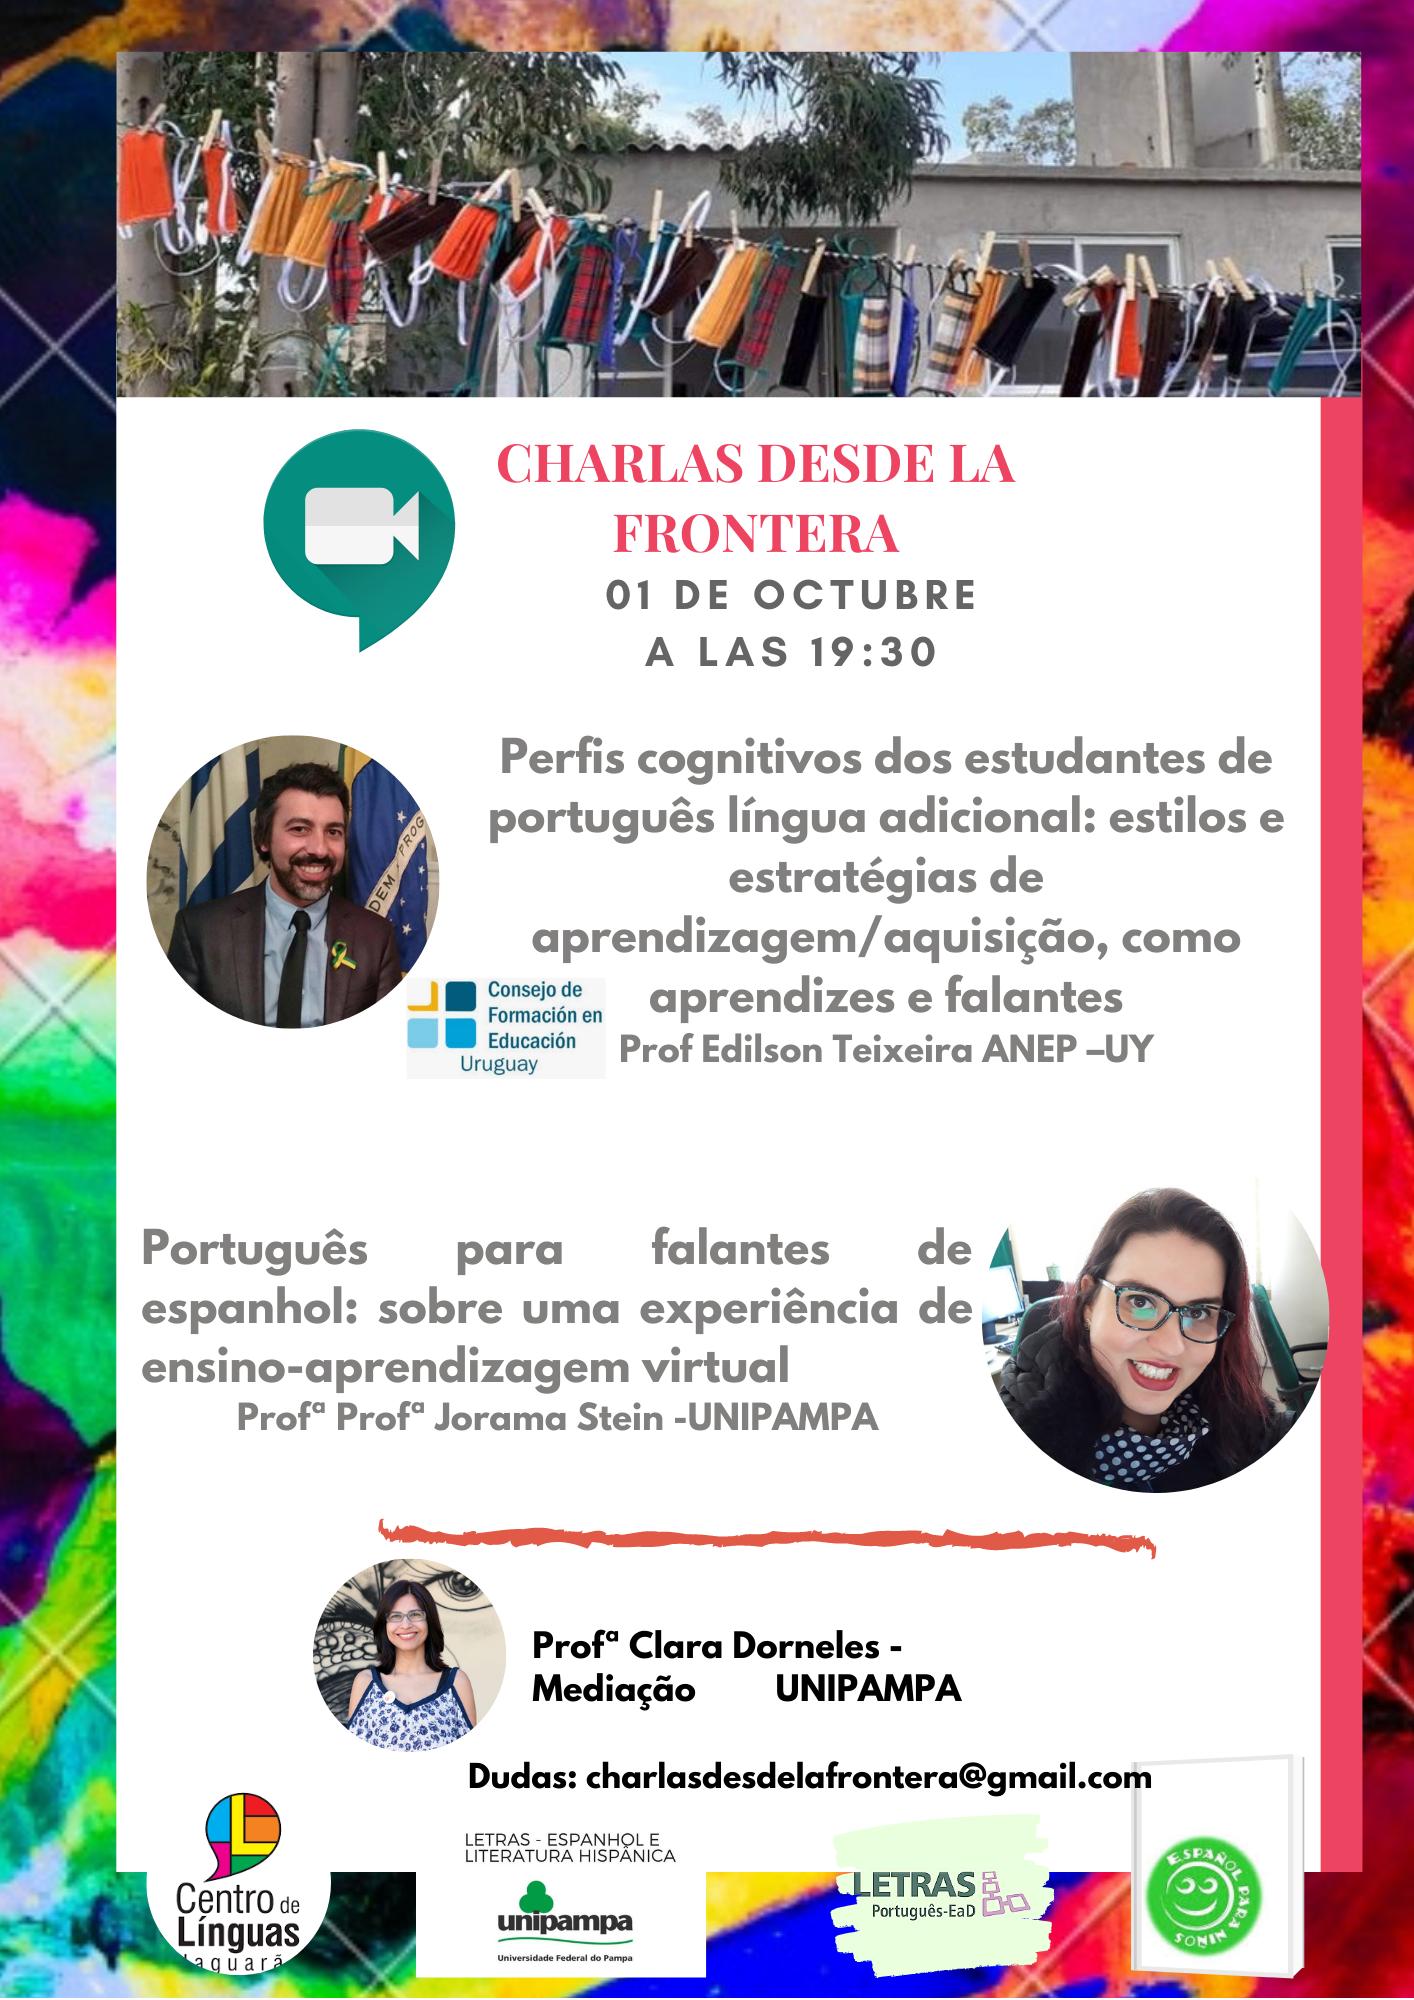 Curso de Letras promove II Webinário Charlas desde la Frontera - Divulgação